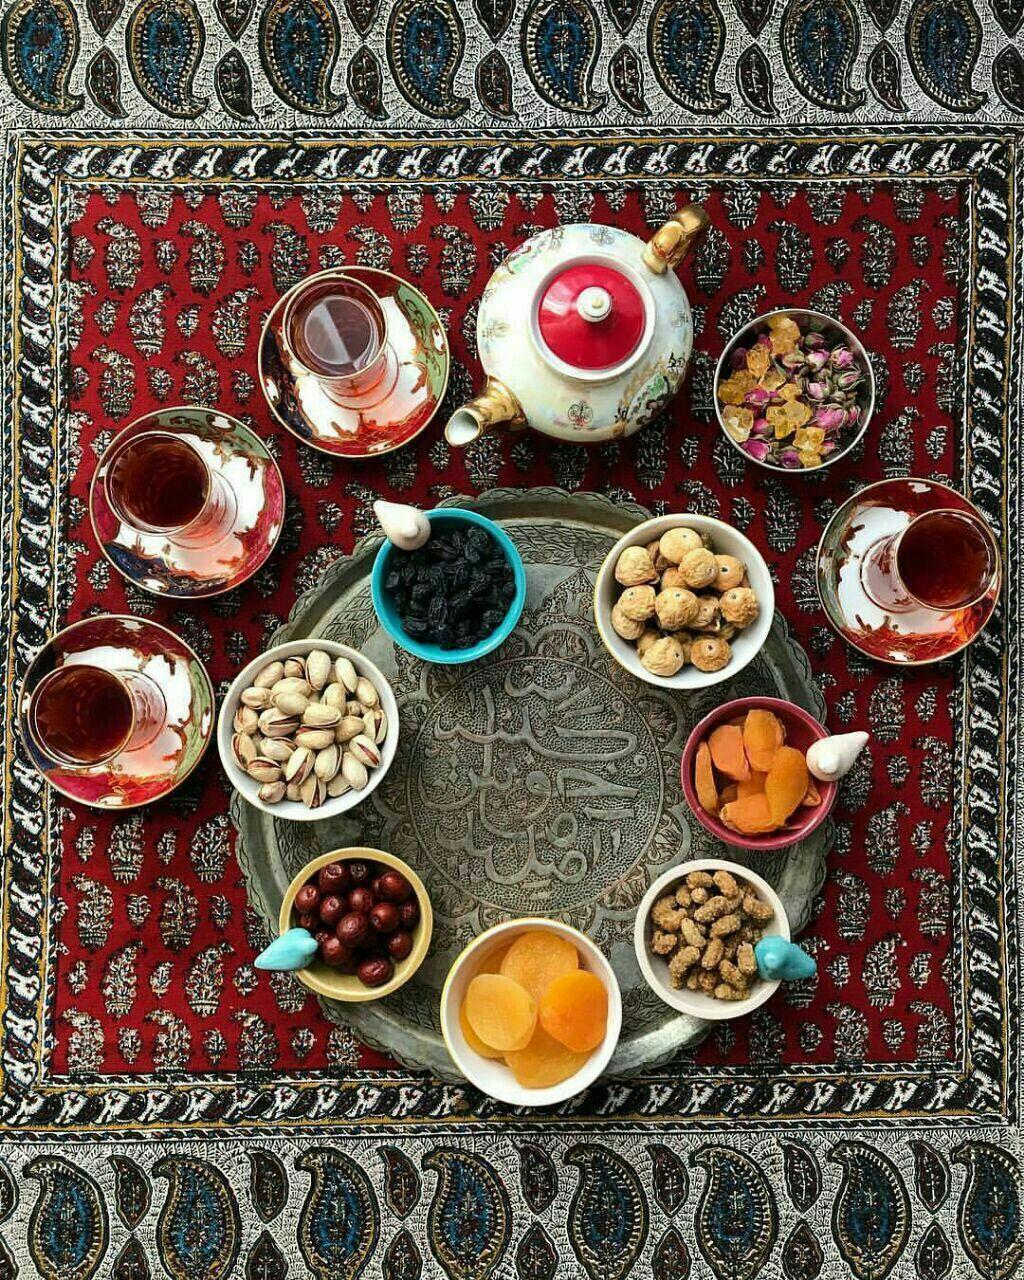 Азербайджанские открытки с добрым утром, поздравлениями